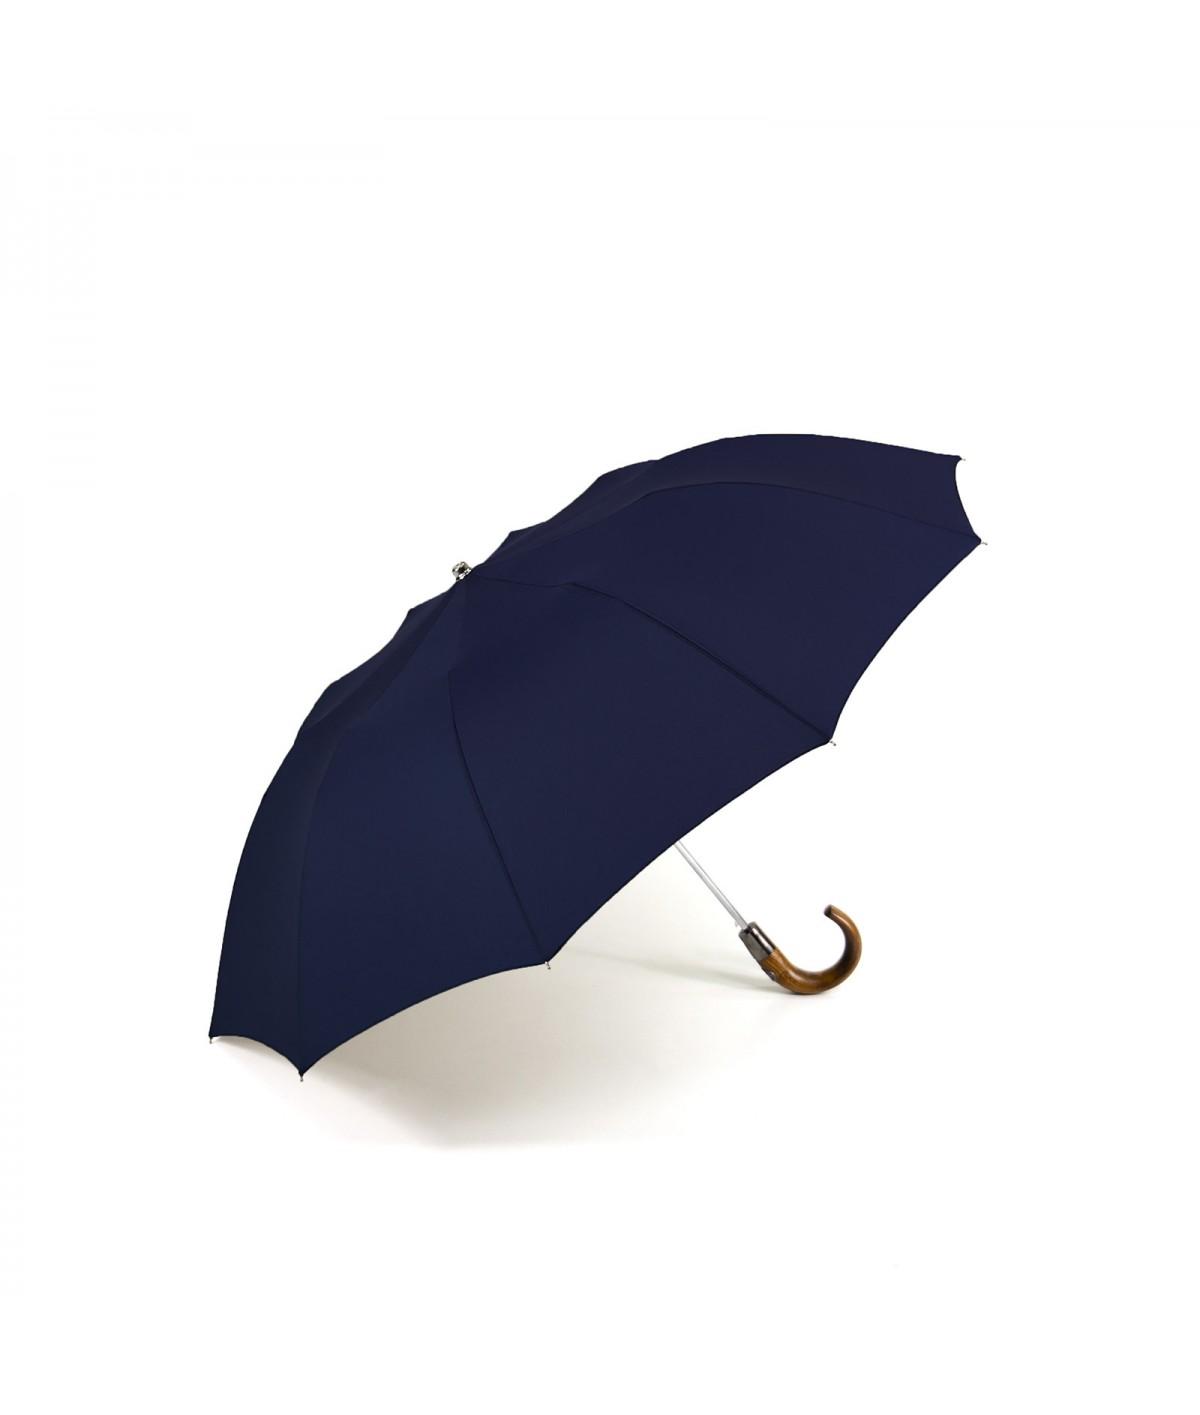 """→ Parapluie """"Le Pratique & Chic"""" Pliant Navy - Automatique 10 baleines - Maison Pierre Vaux"""